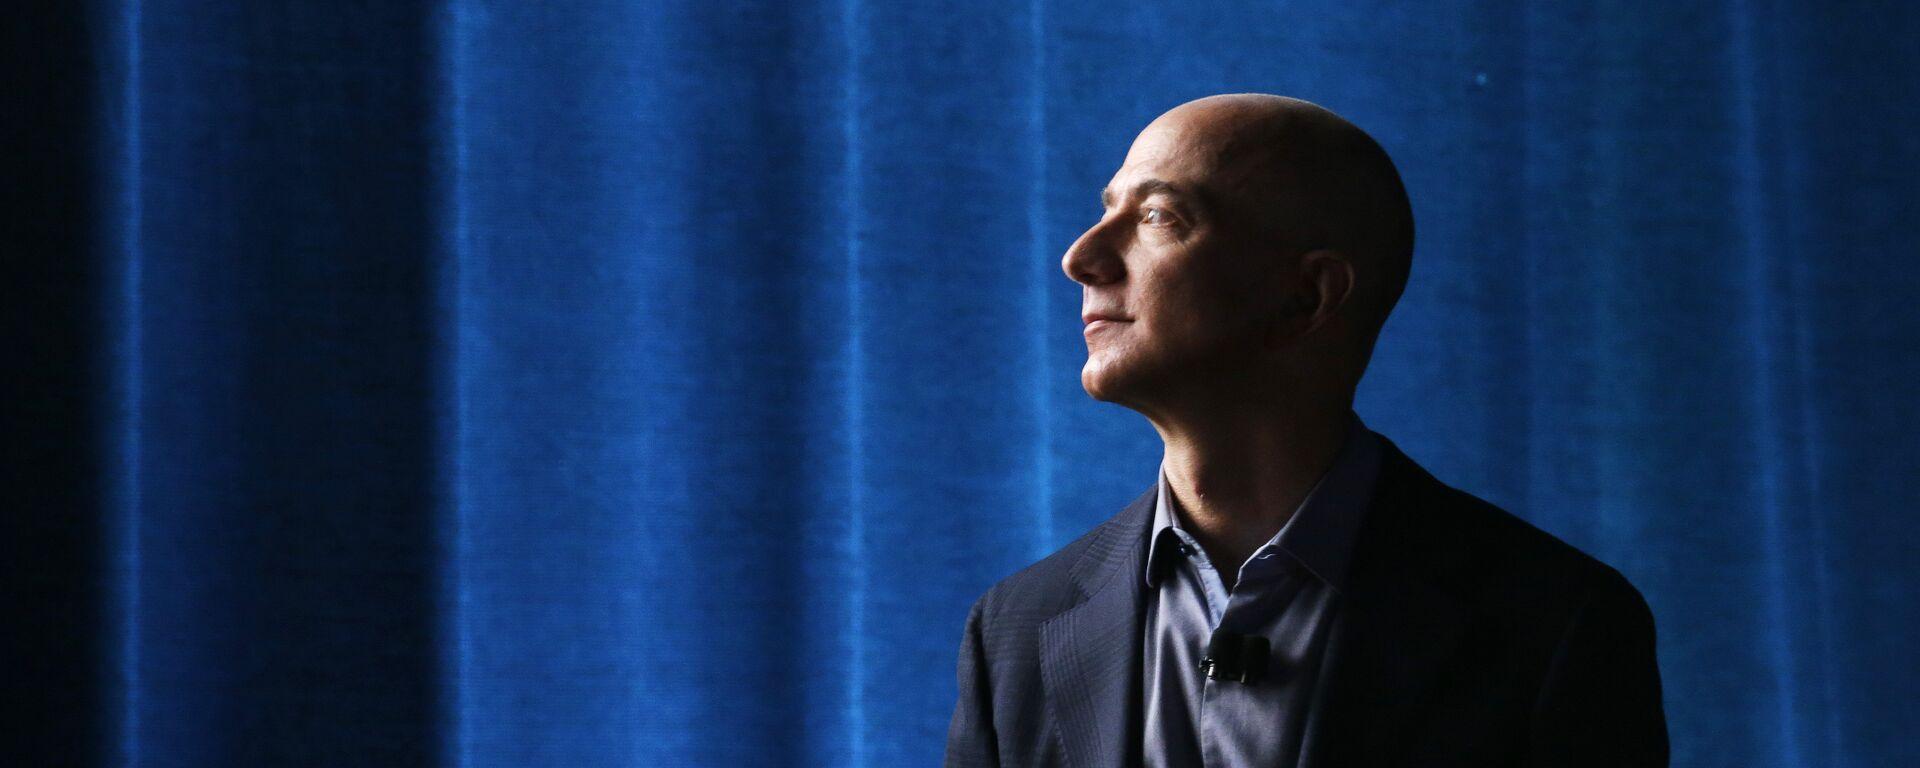 Jeff Bezos, propietario de Amazon  - Sputnik Mundo, 1920, 06.12.2020